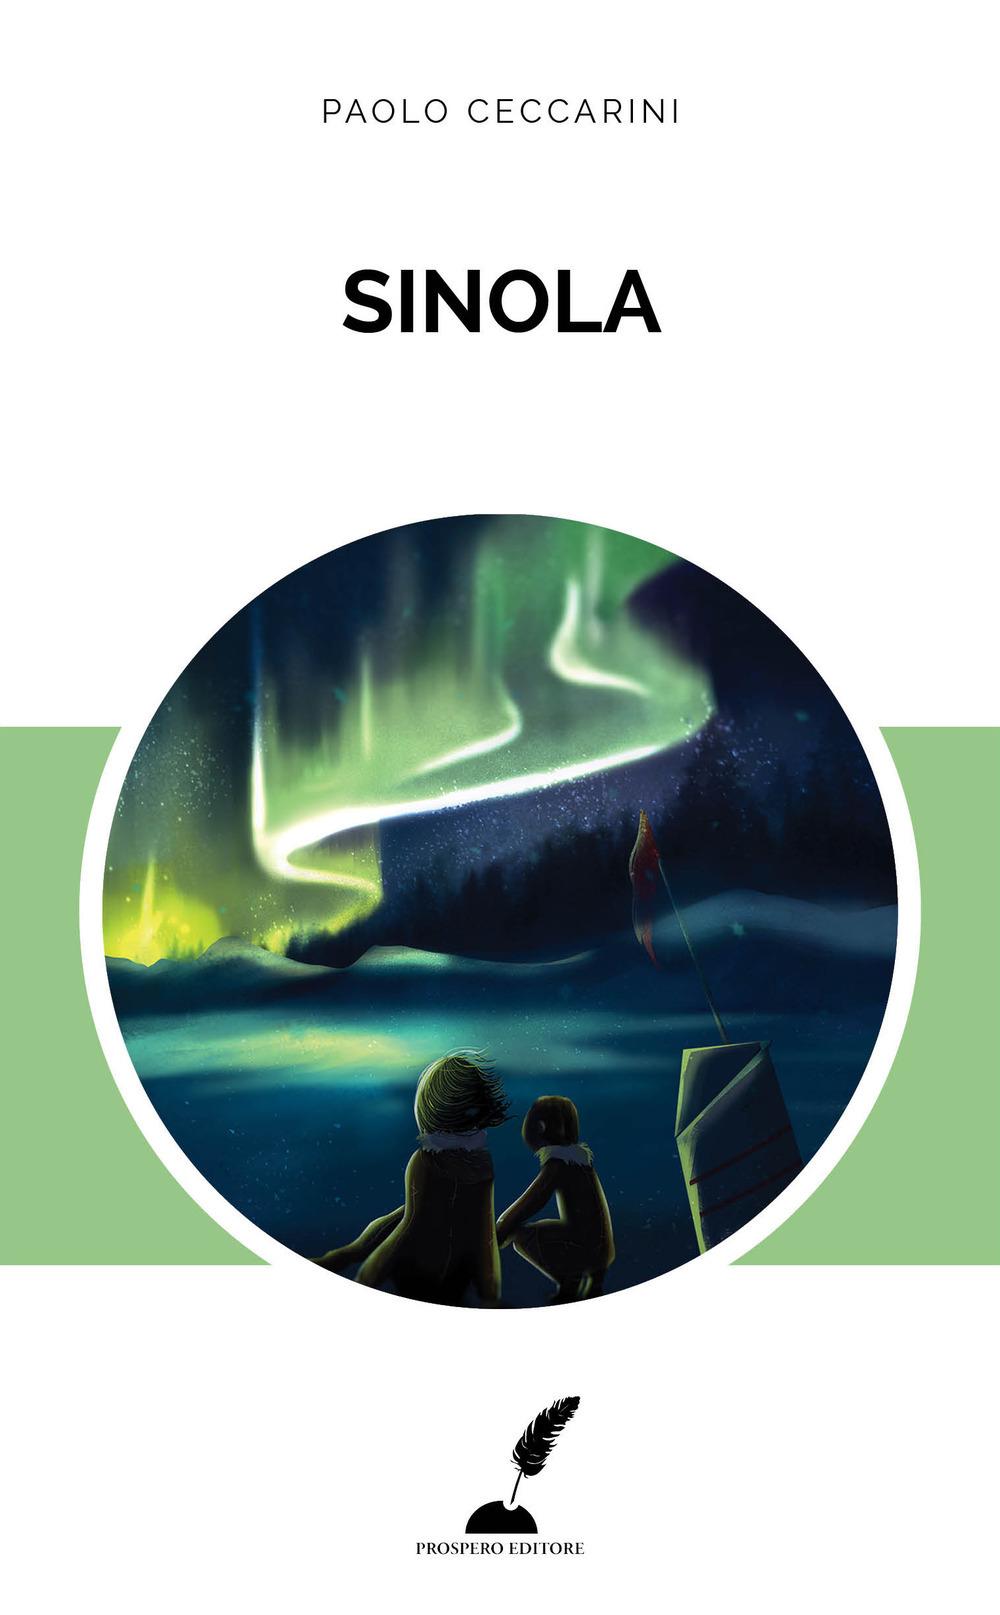 Sinola, di Paolo Ceccarini (Prospero, 2017) 9 - fanzine